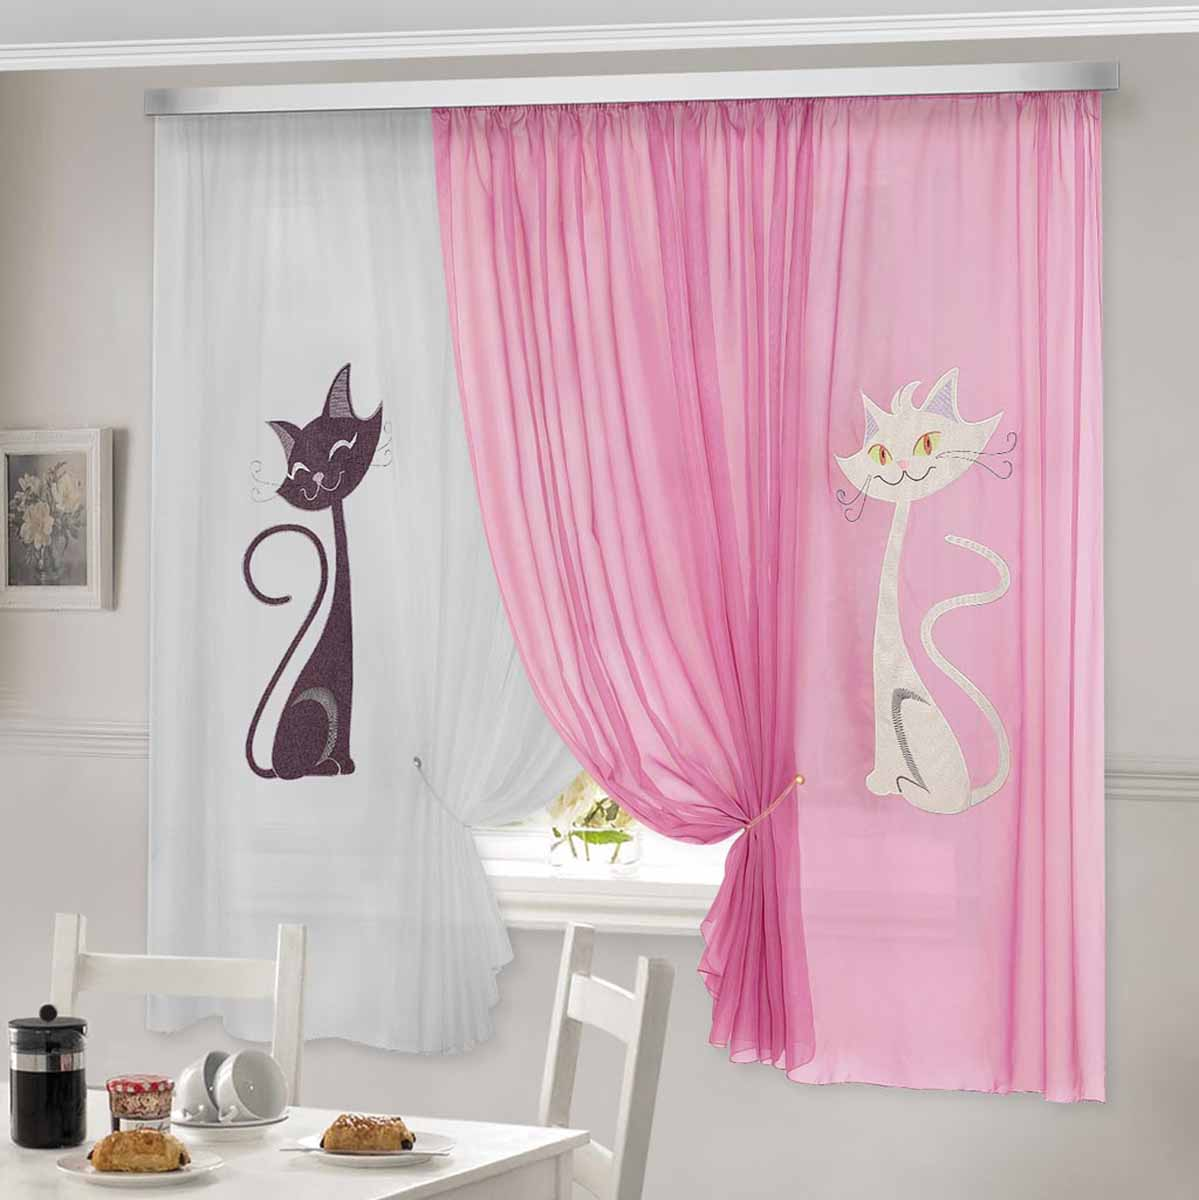 Комплект штор ТД Текстиль Кэти, на ленте, цвет: розовый, белый, высота 180 смVCA-00Комплект штор Кэти изготовлен из вуалевого полотна с аппликацией в виде кошек. Шторы крепятся на карниз при помощи ленты, которая поможет красиво и равномерно задрапировать верх.